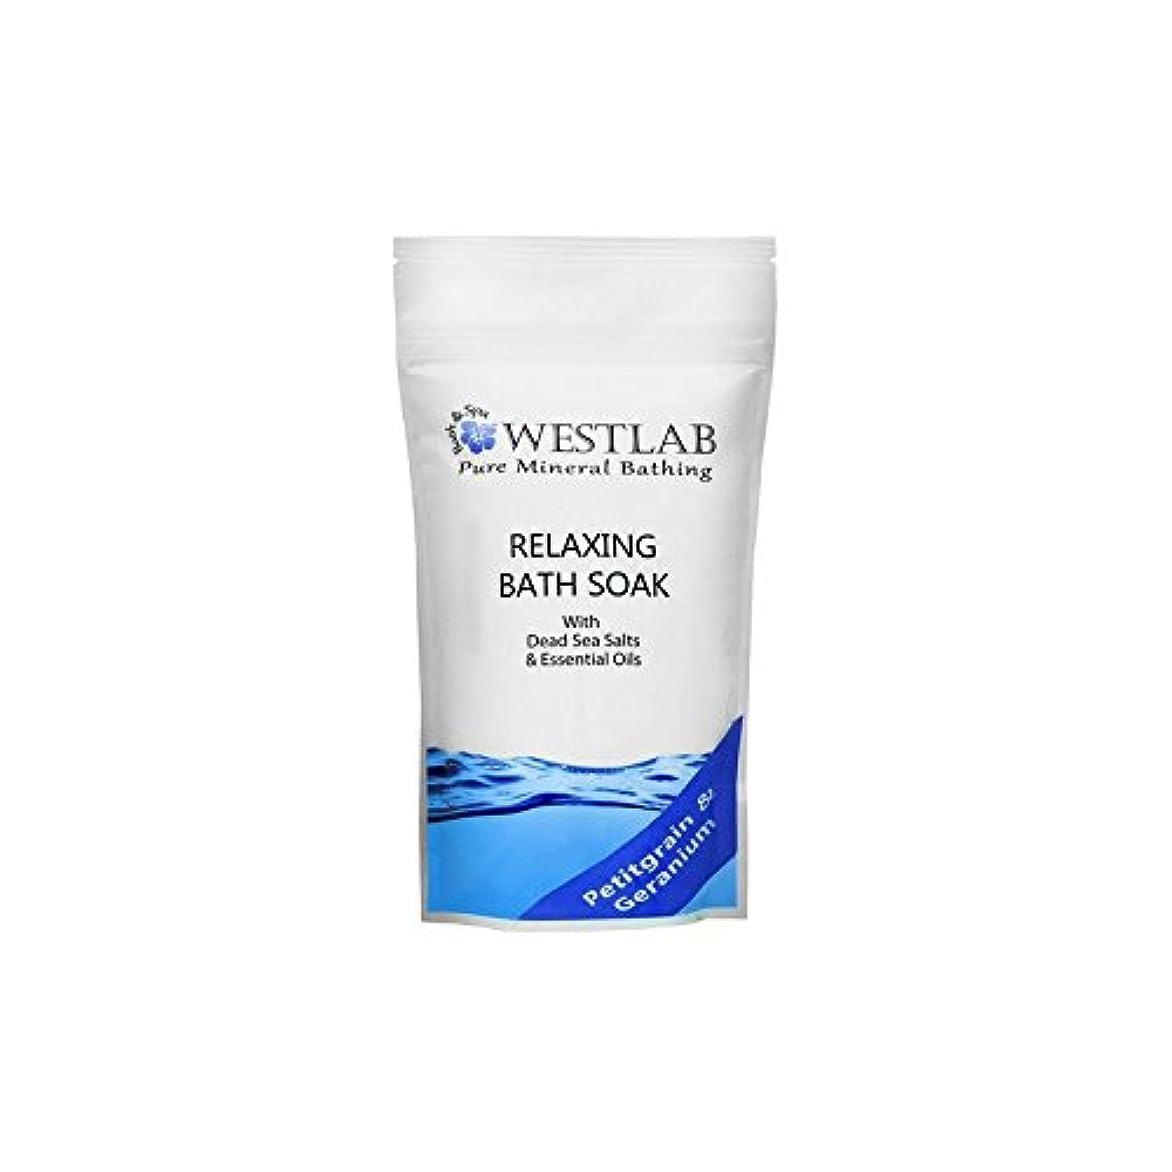 コイン黙認する吹雪Westlab Relax Dead Sea Salt Bath Soak (500g) (Pack of 6) - 死海の塩浴浸漬(500グラム)をリラックス x6 [並行輸入品]